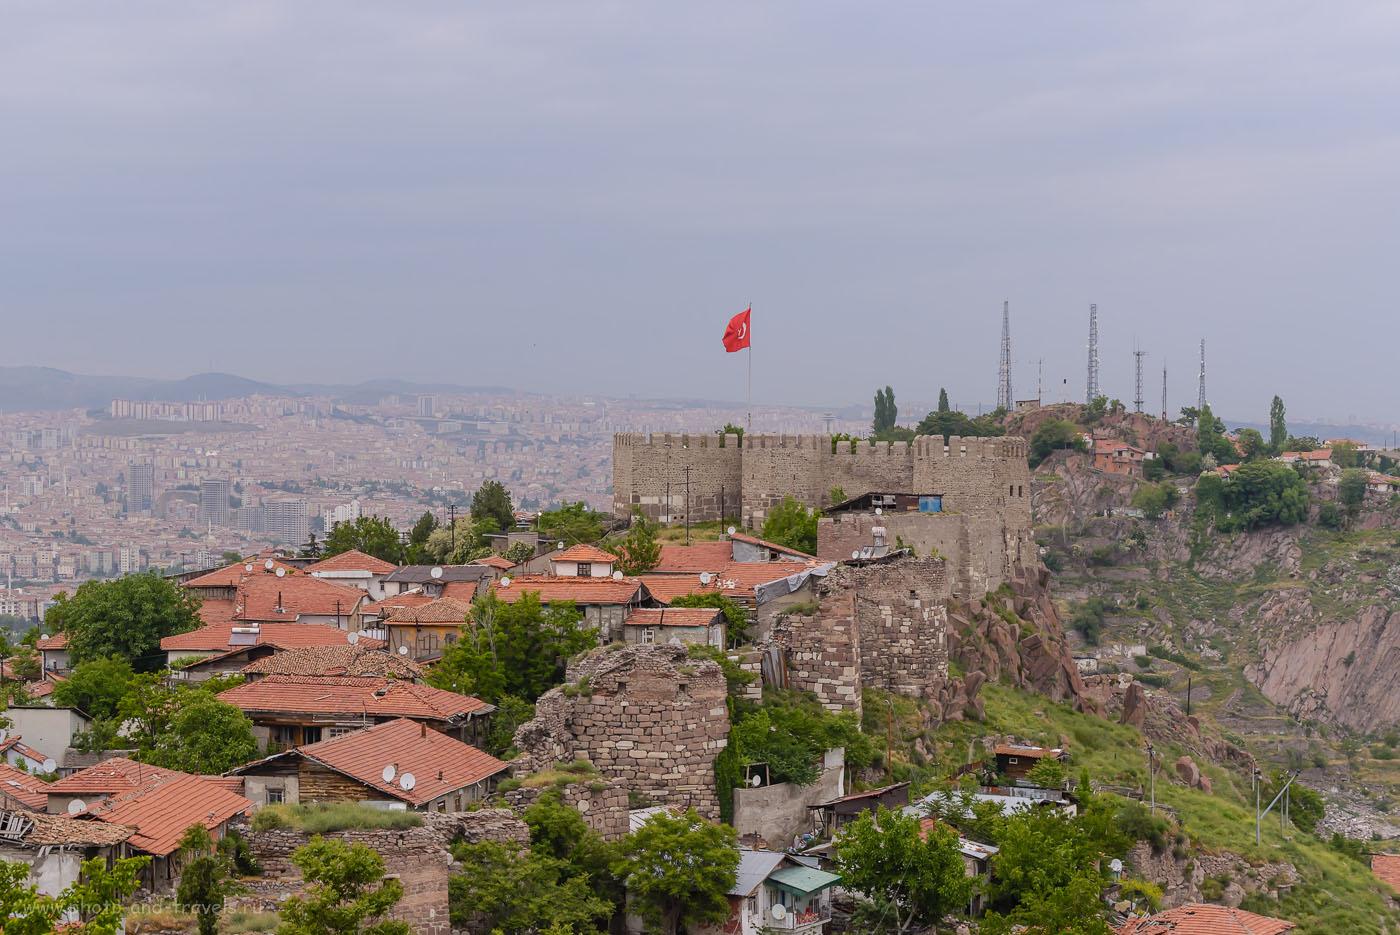 Фото 28. Вид на замок в столице Турции. Поездка в Анкару из Стамбула. 1/250, 7.1, +0.67, 1000, 70.